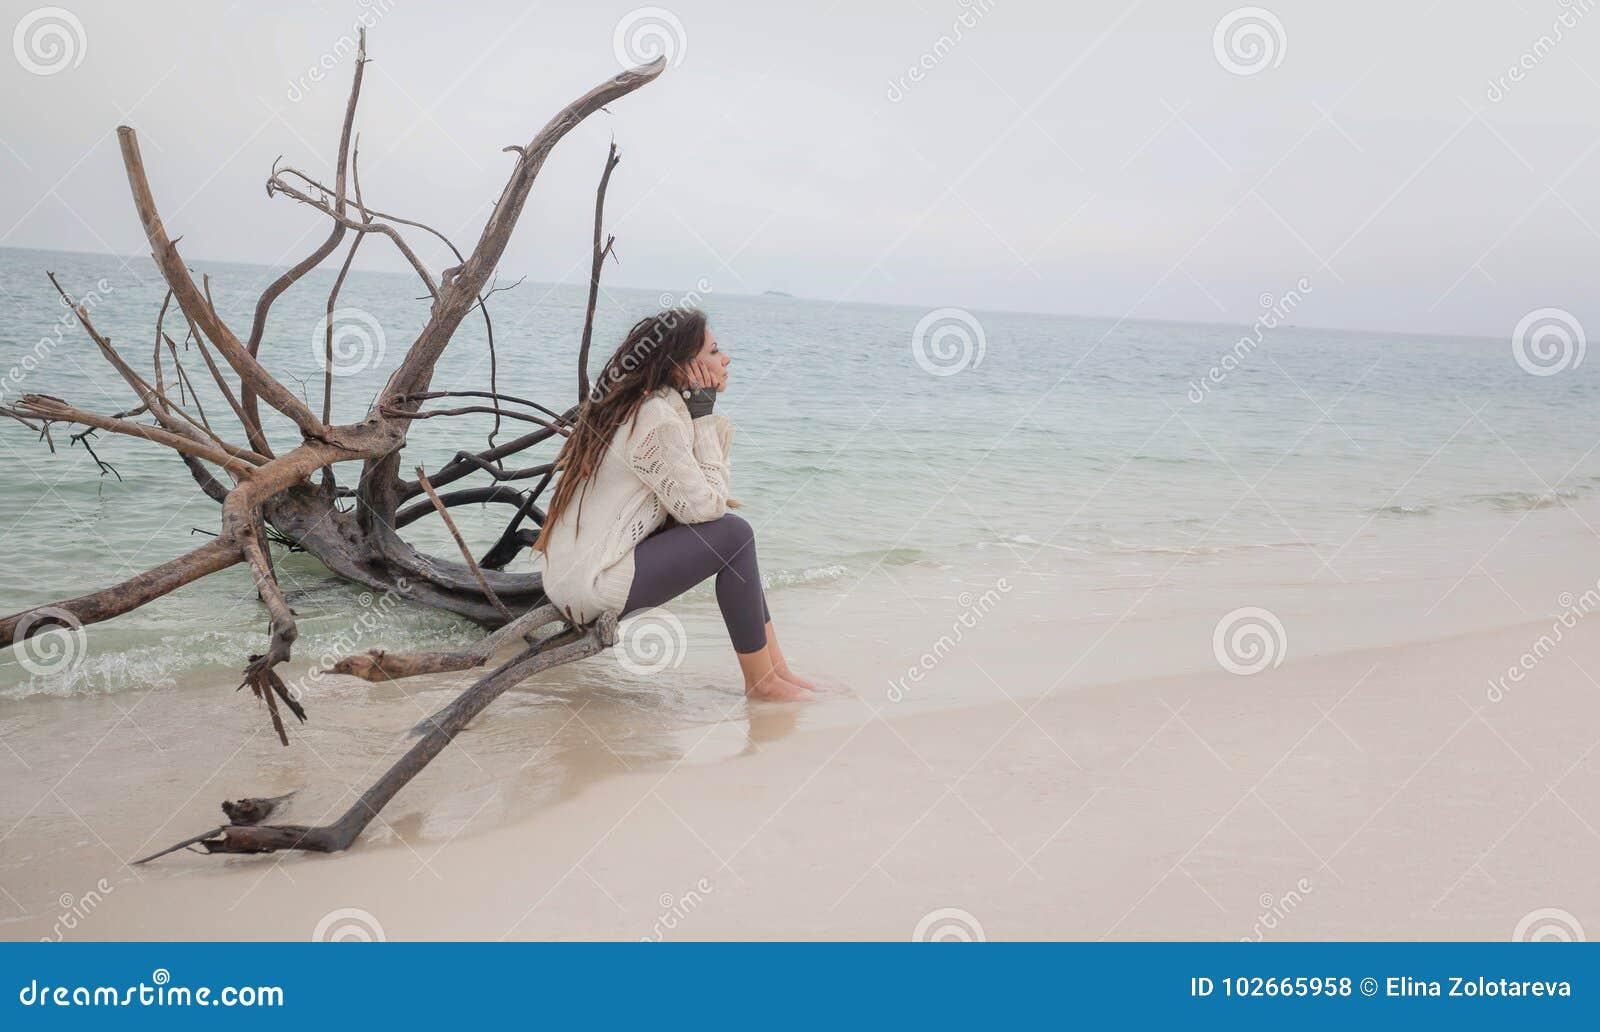 Ελκυστική νέα γυναίκα στη συνεδρίαση πουλόβερ στην παραλία